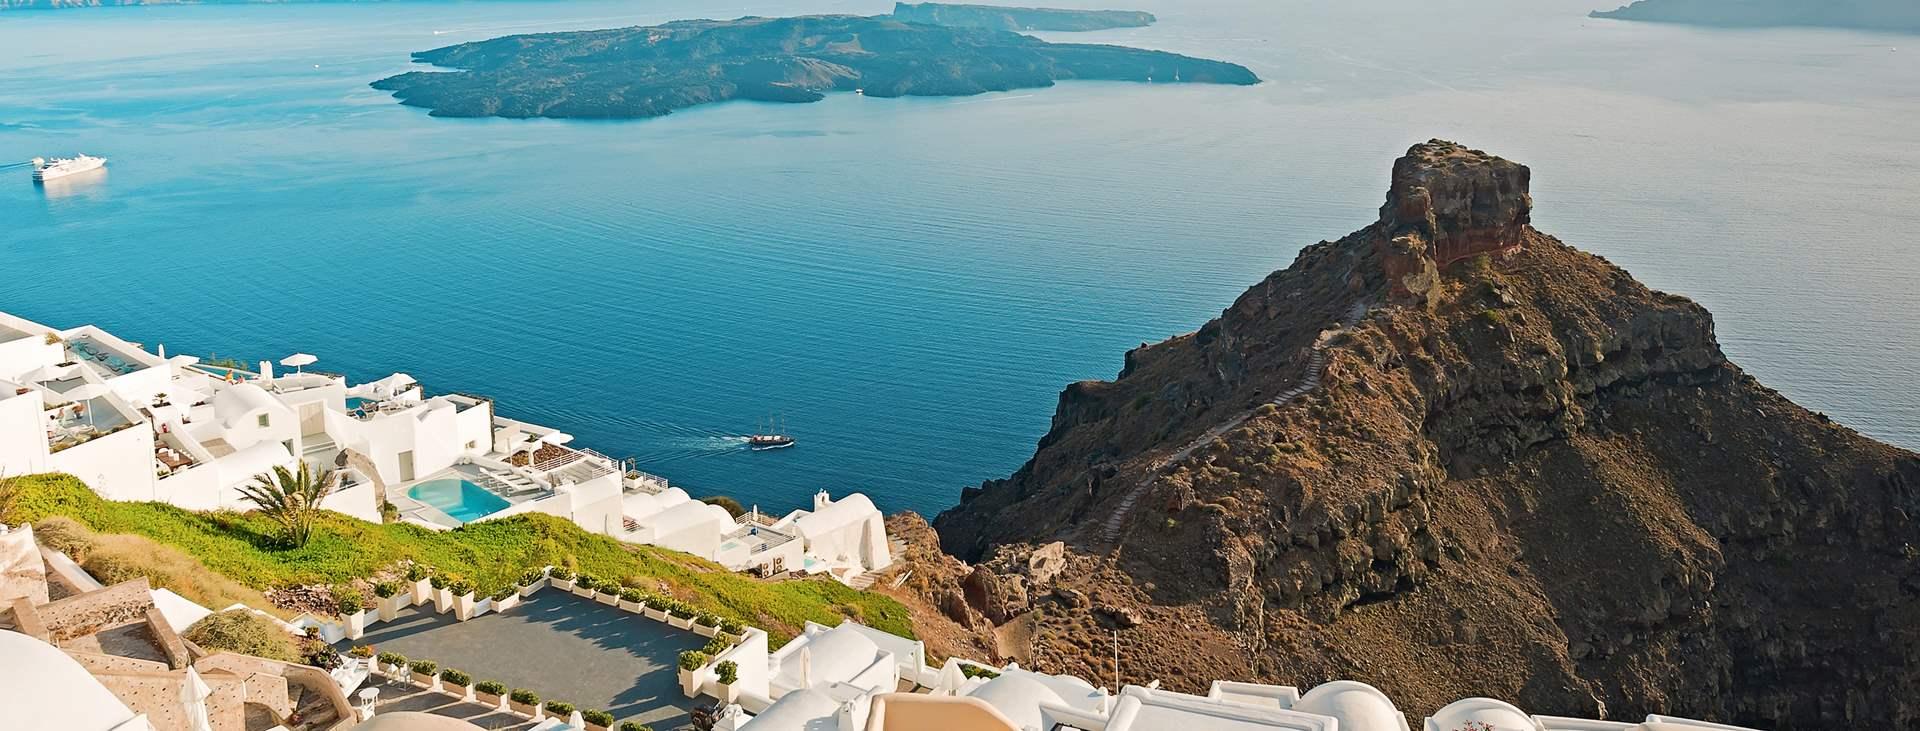 Resor till Imerovigli på Santorini i Grekland